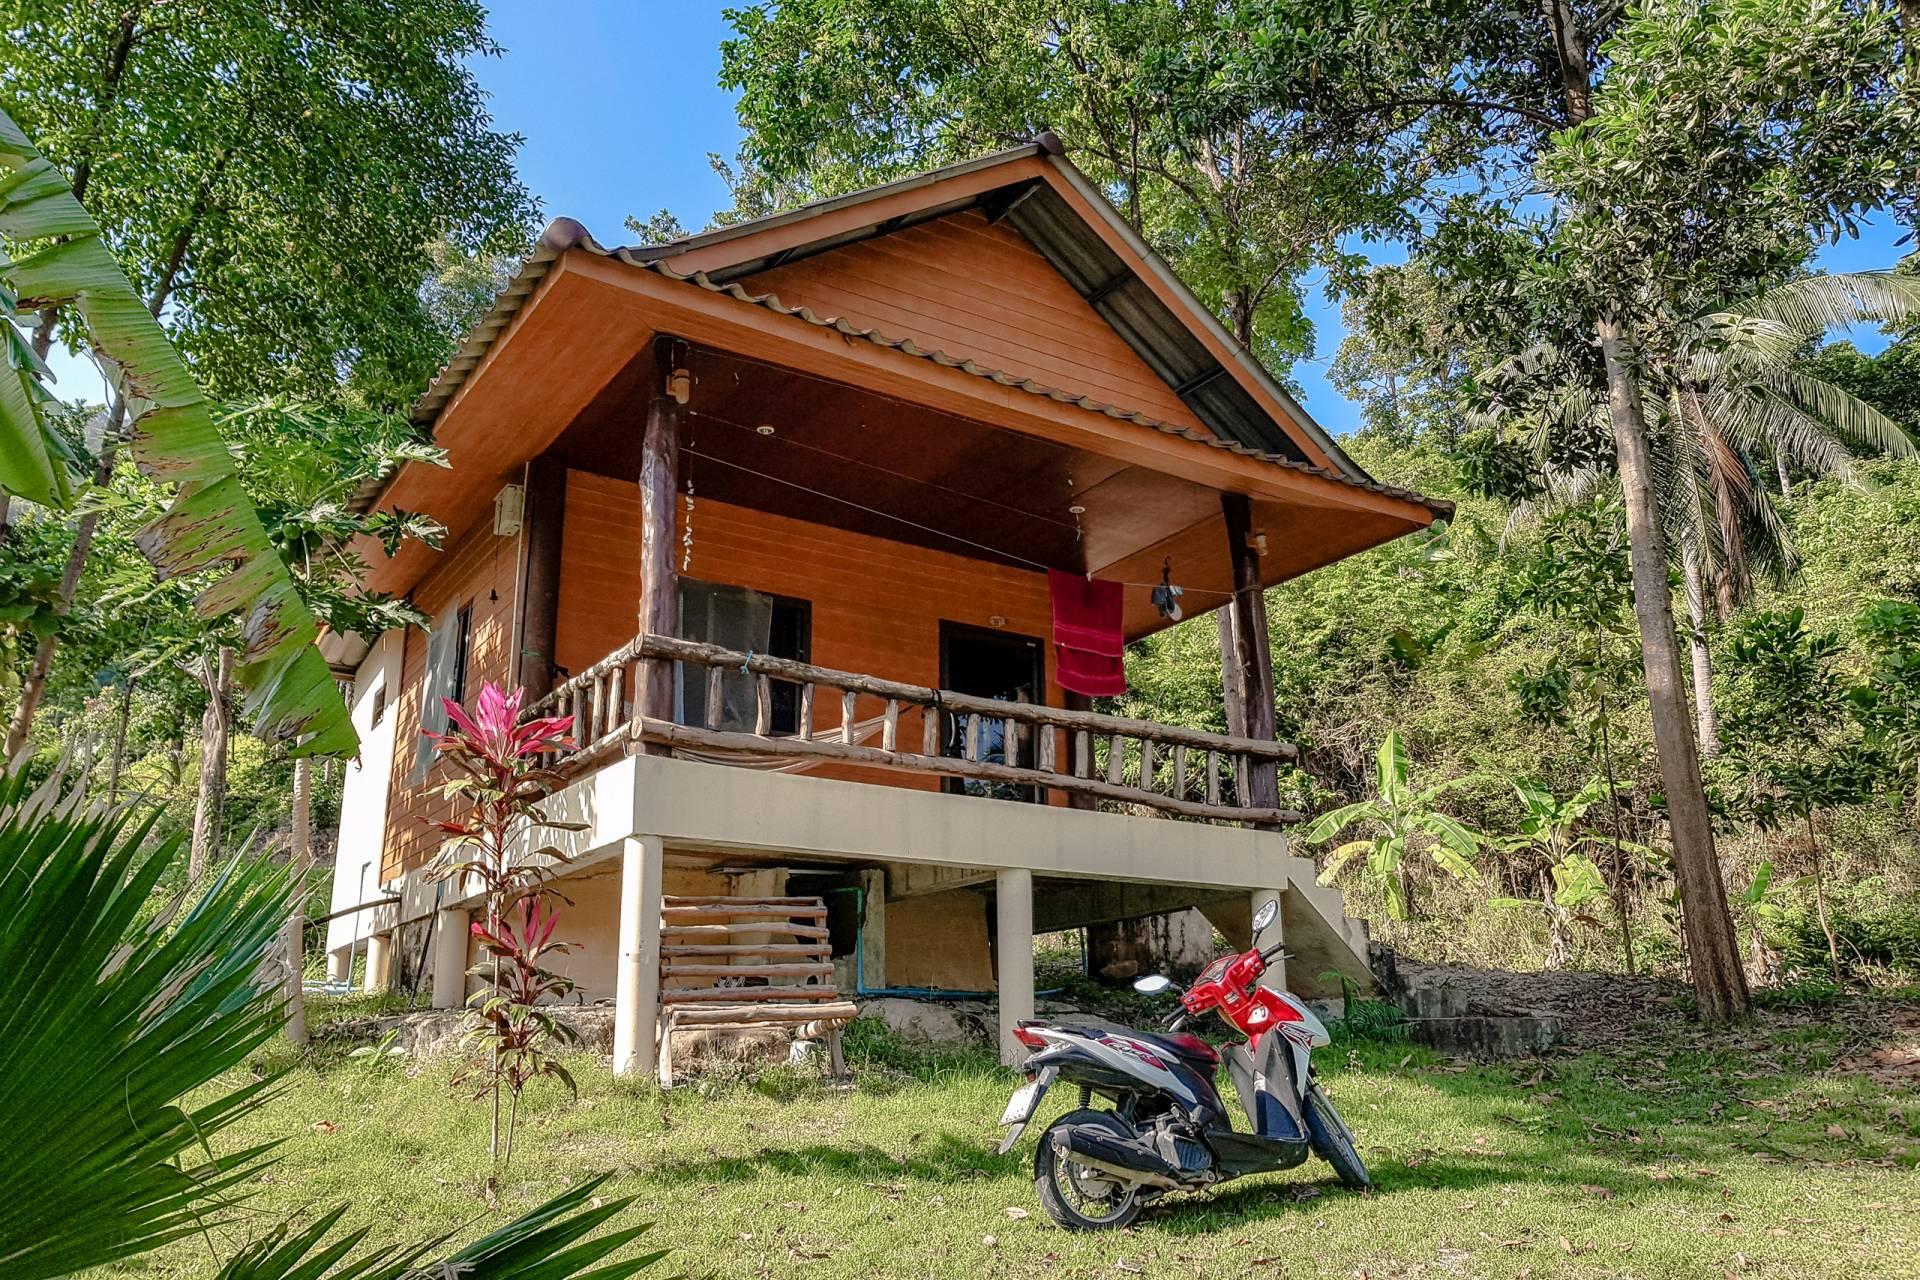 thailand koh phangan house bike